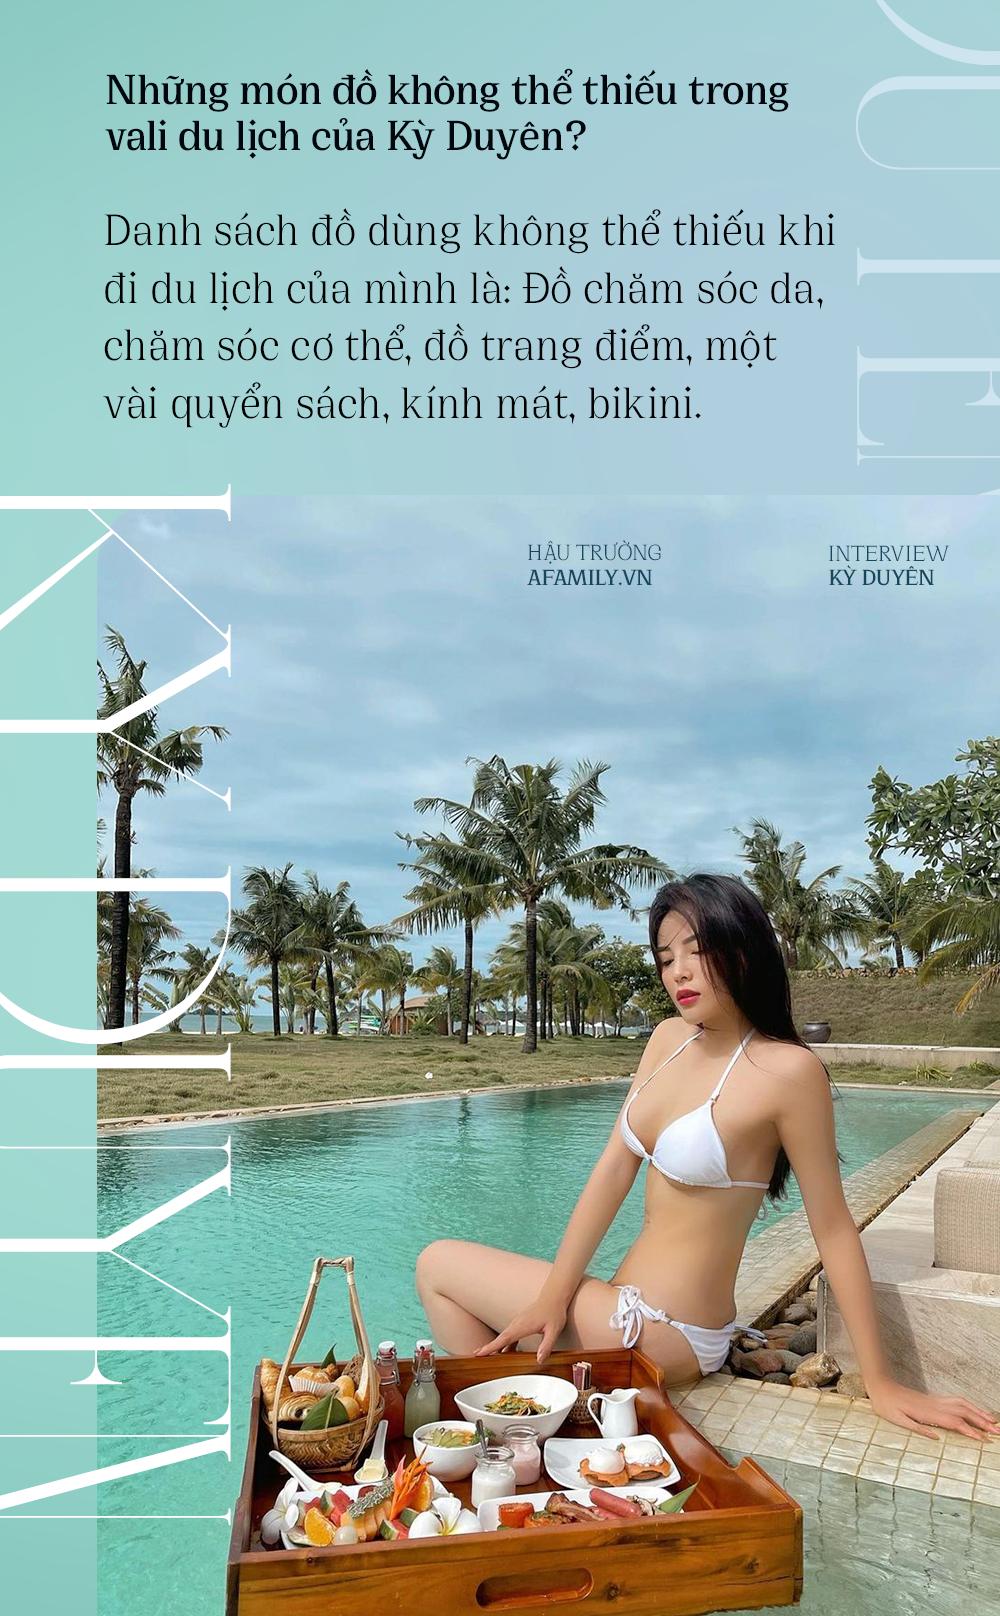 Kỳ Duyên: Nàng hậu cá tính với sở thích du lịch khám phá, bật mí lý do luôn gắn bó với Minh Triệu như hình với bóng - Ảnh 3.